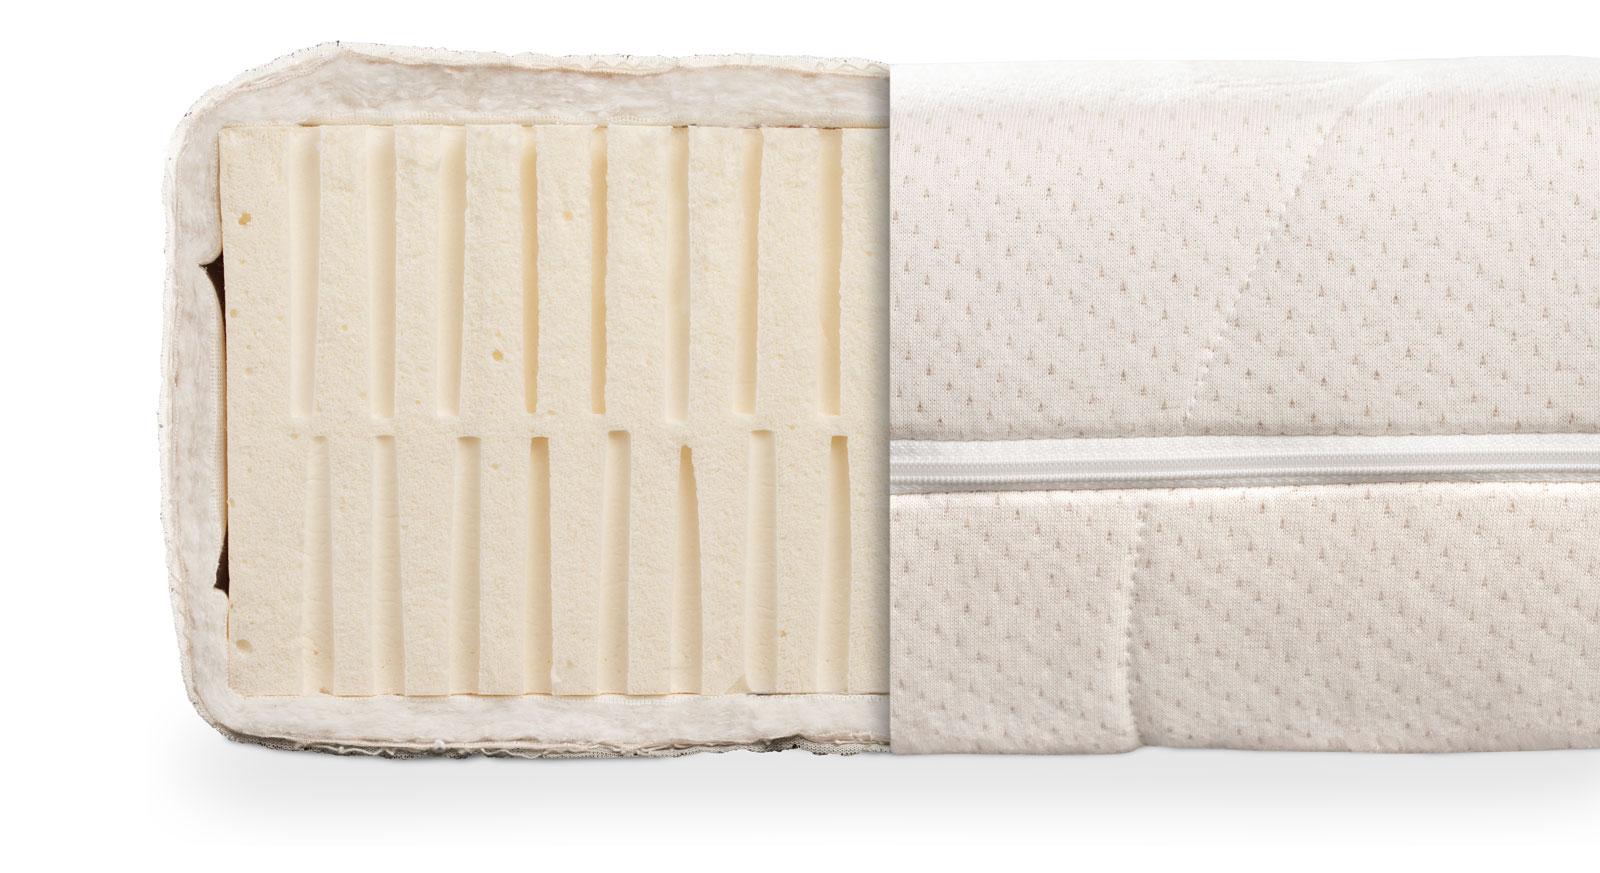 Naturlatex-Matratze orthowell bio XXL bietet einen ergonomischen Liegekomfort